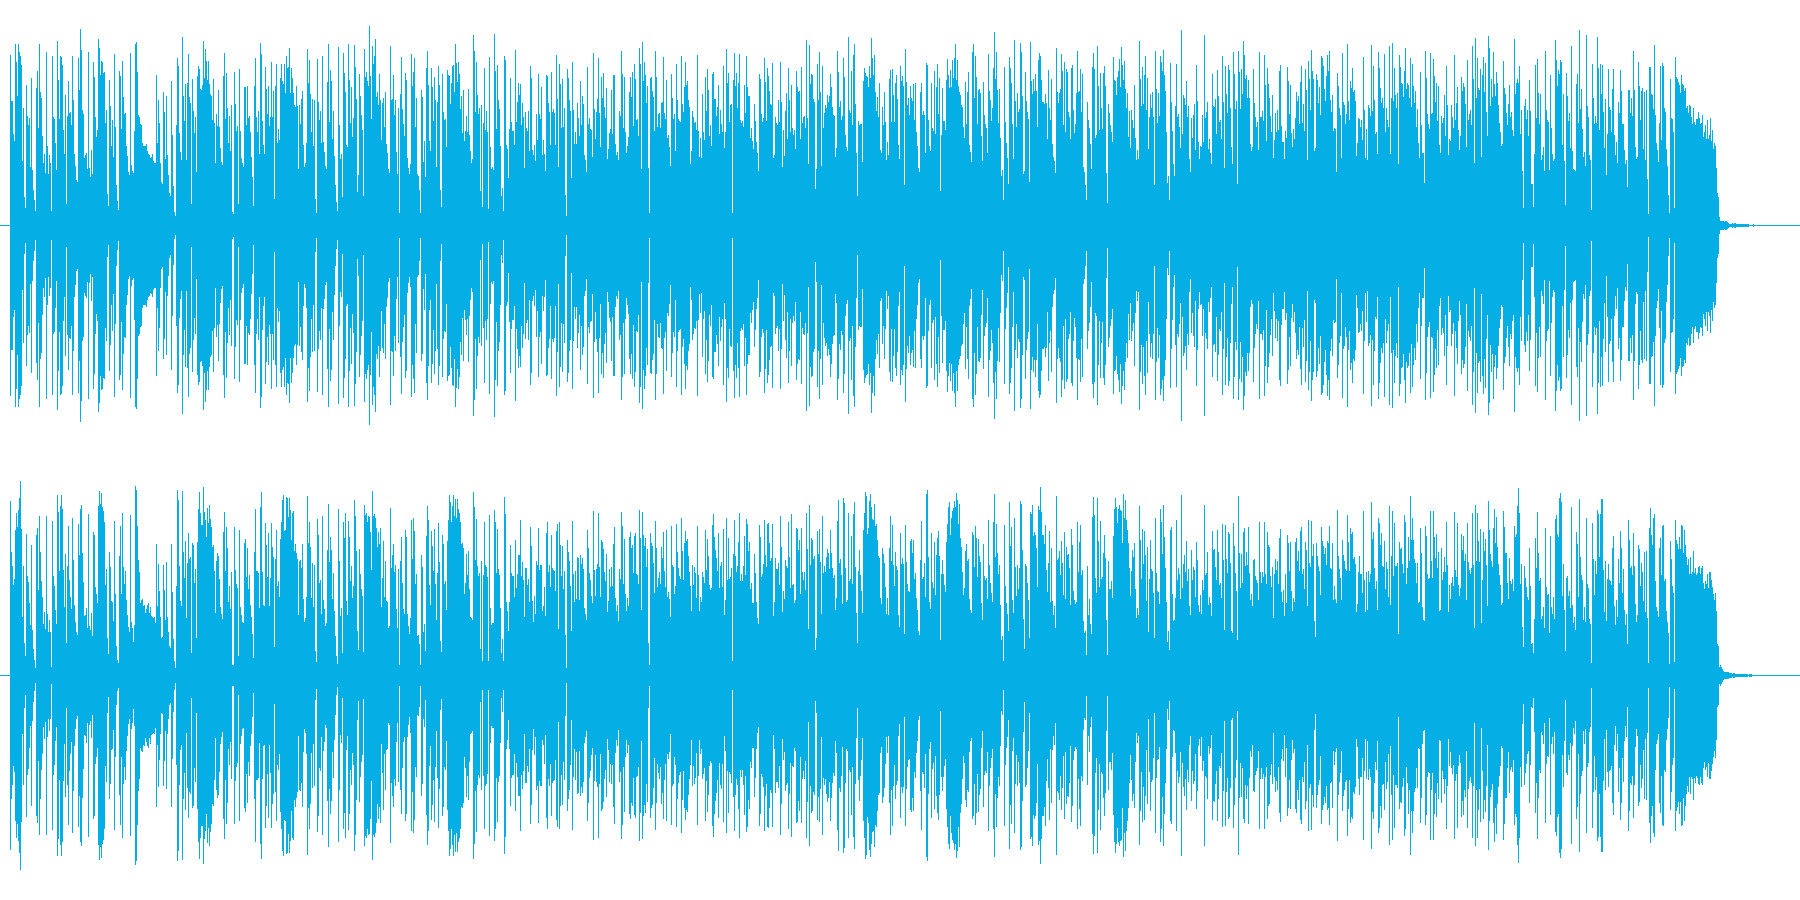 ポップで楽しいトランペットポップスの再生済みの波形